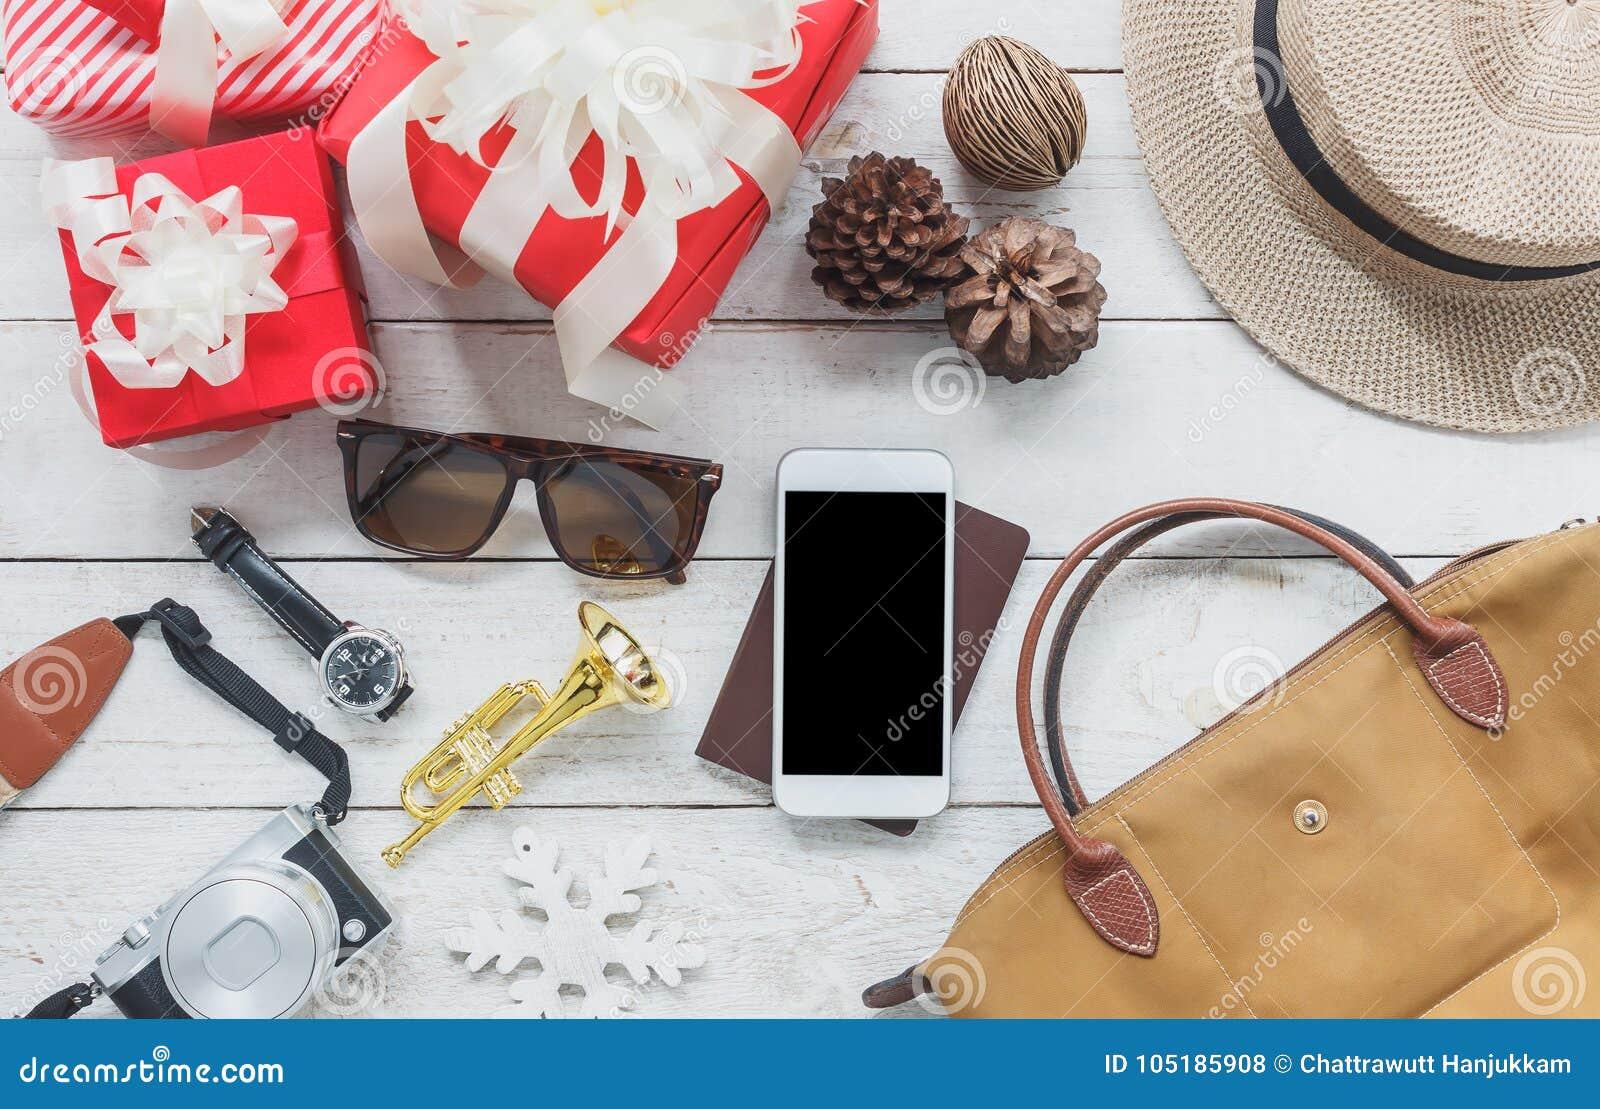 Ovanför sikt av bildobjekt som reser med glad jul för garneringar